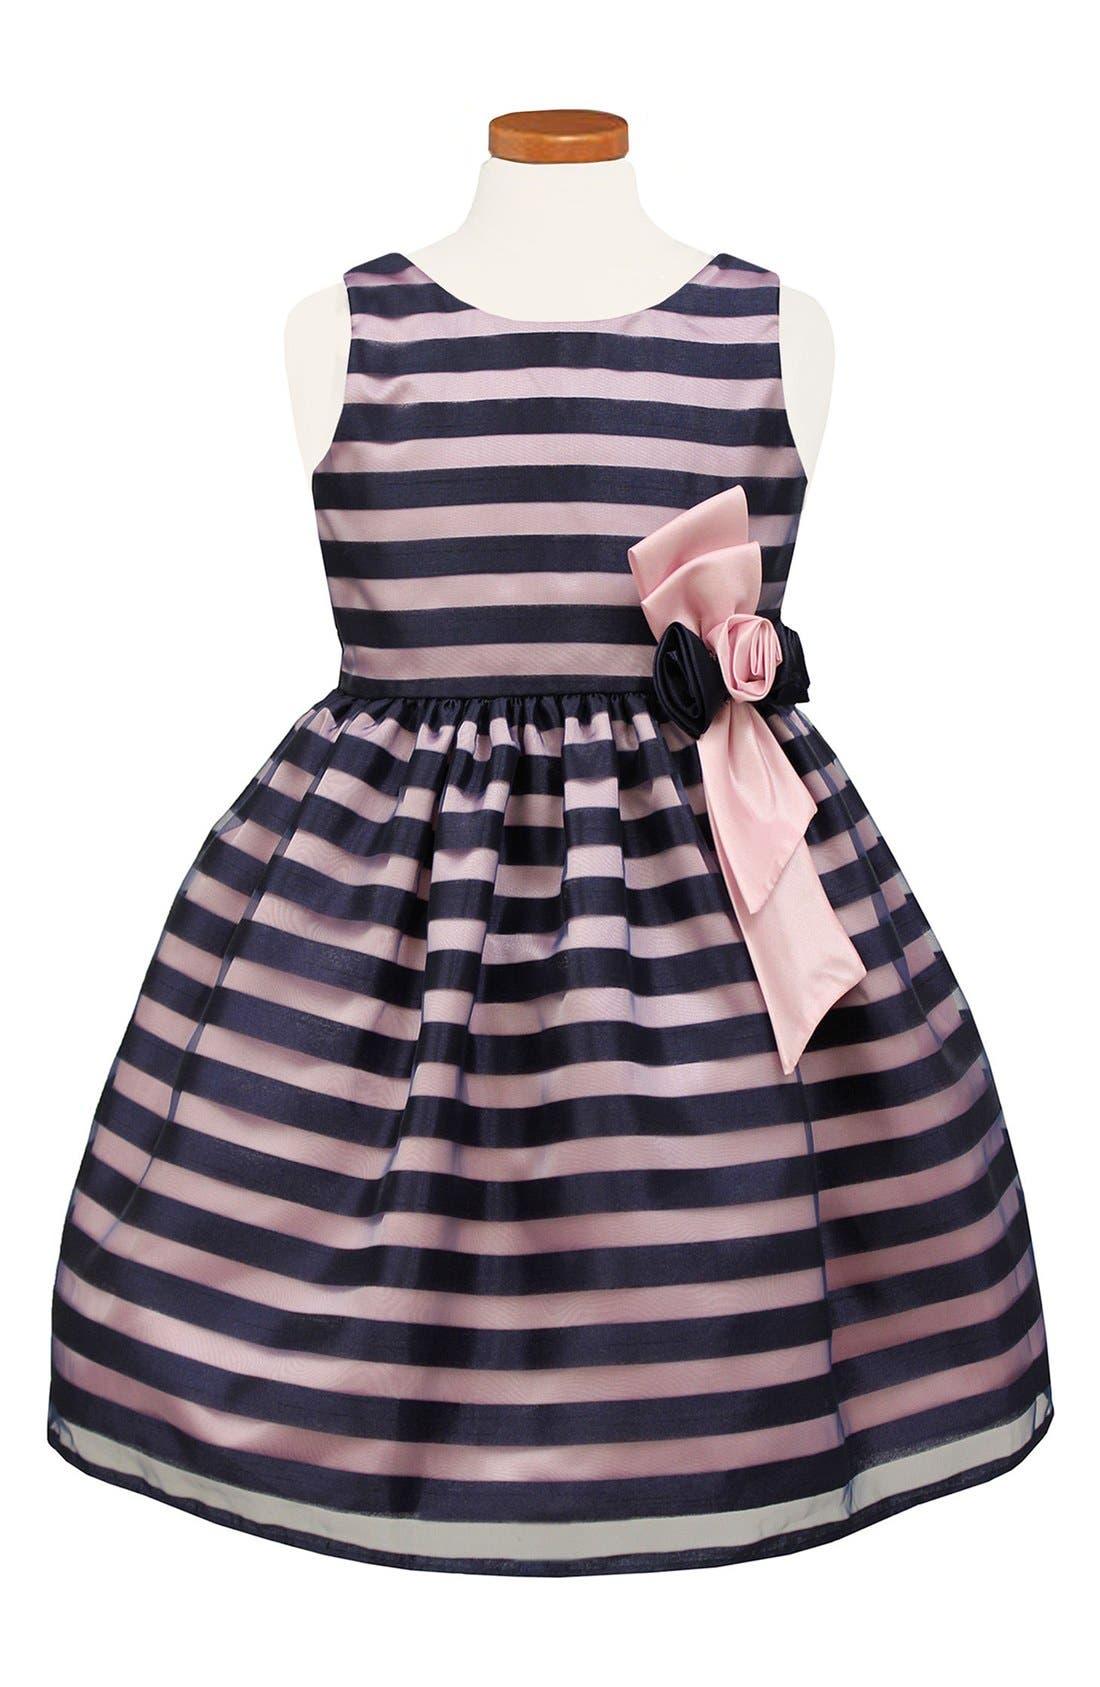 SORBET Stripe Burnout Organza Dress